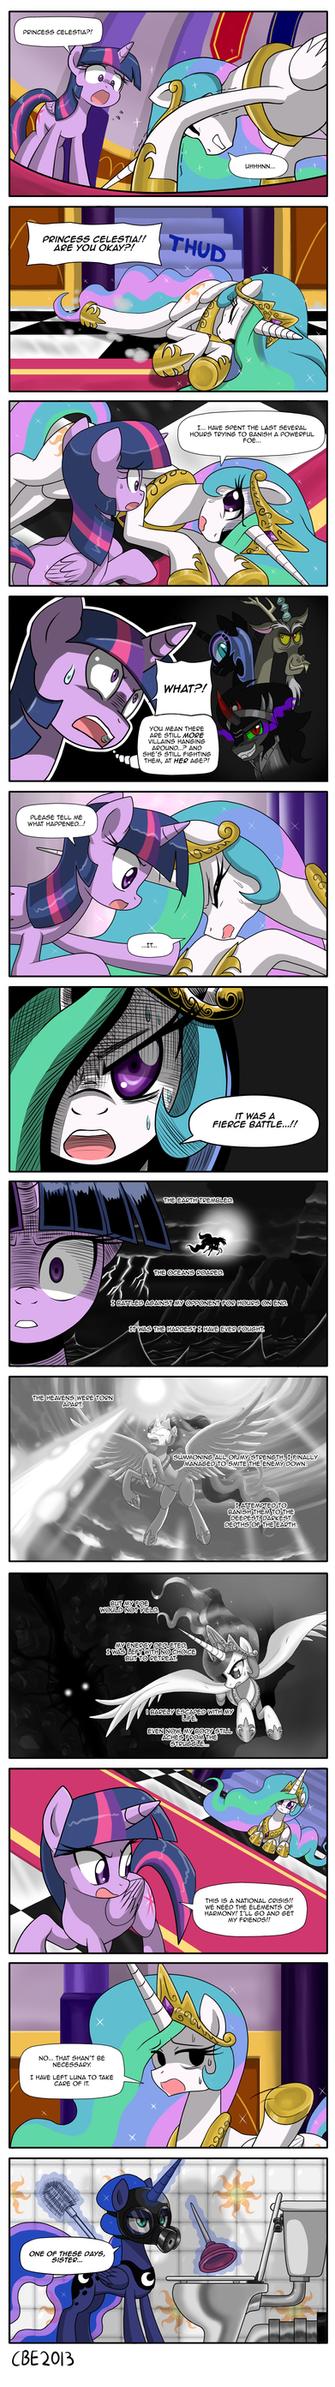 Princess Celestia's battle by CrimsonBugEye